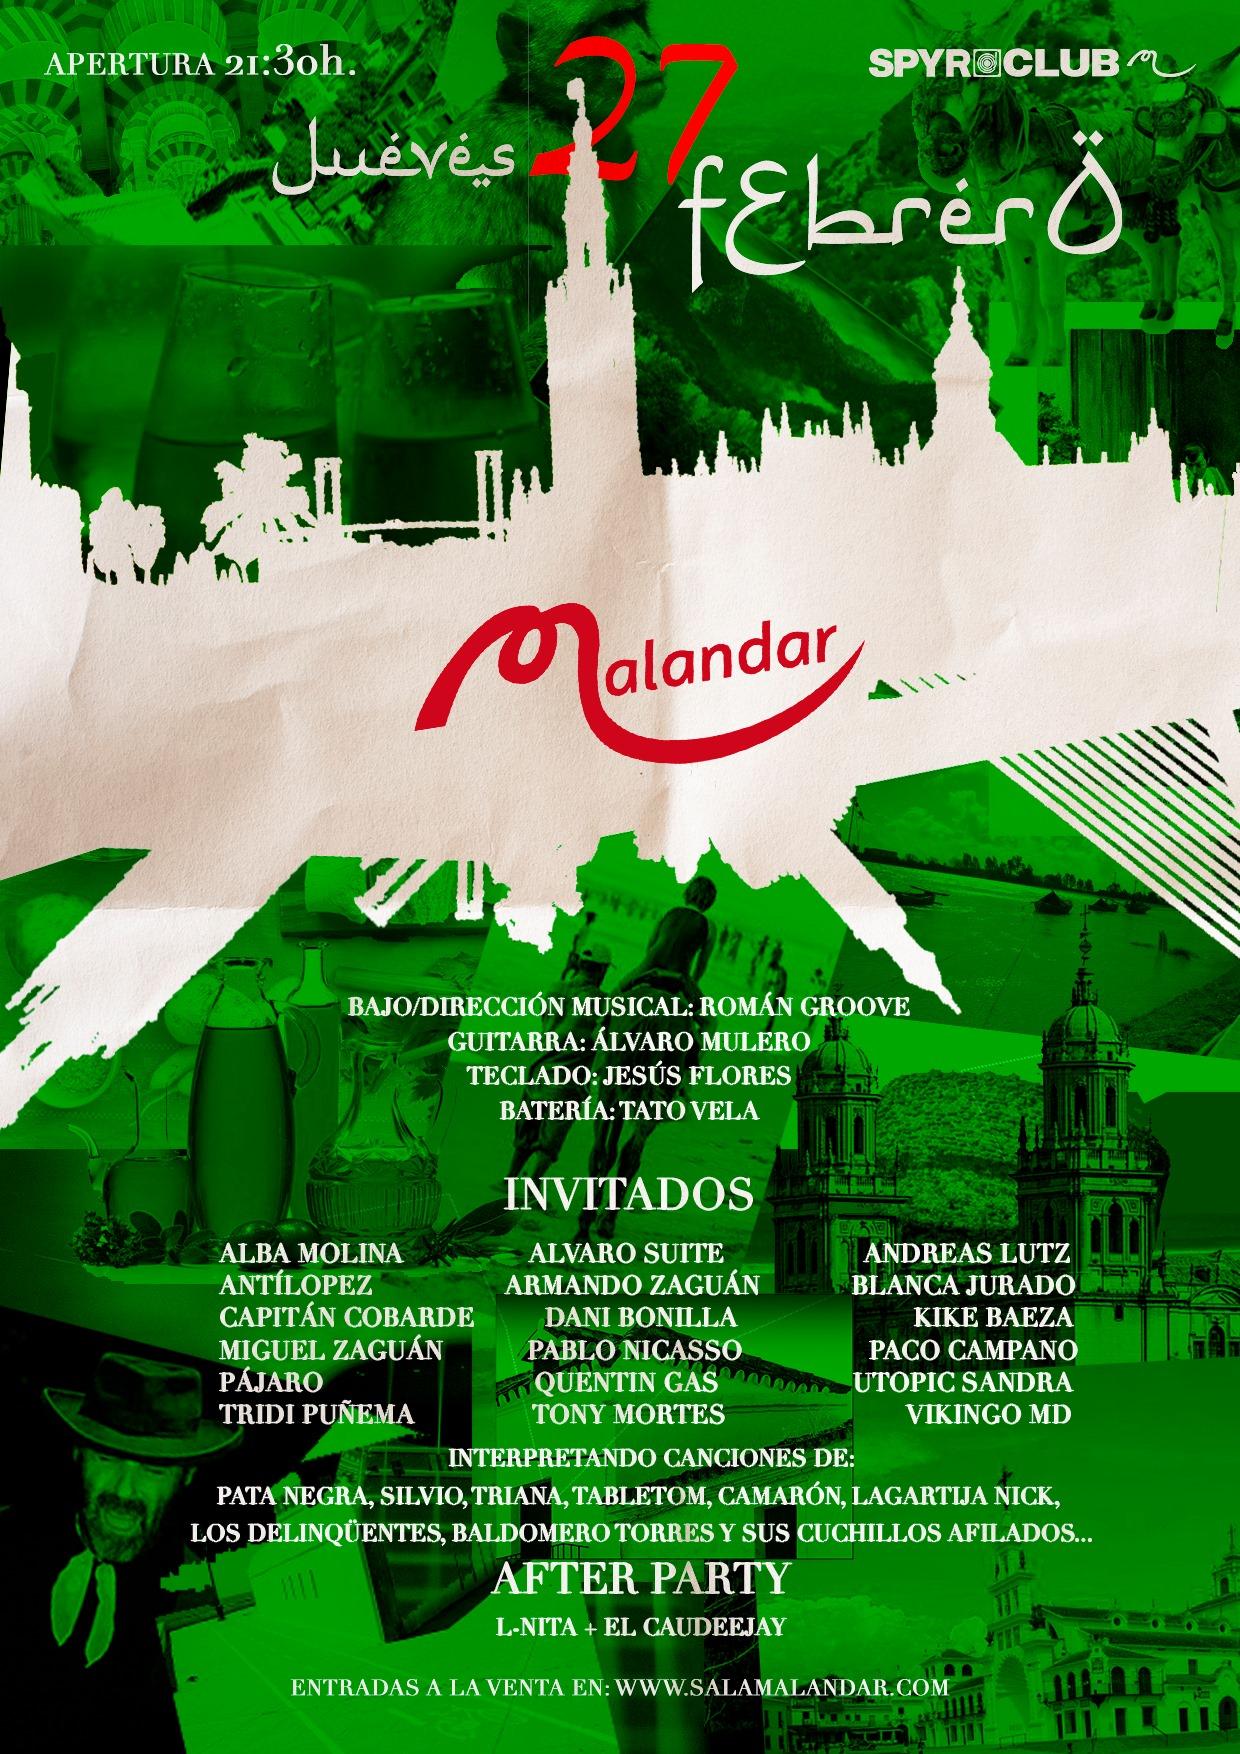 Noche de Encuentro Andaluz, cita musical en las vísperas del Día de Andalucía